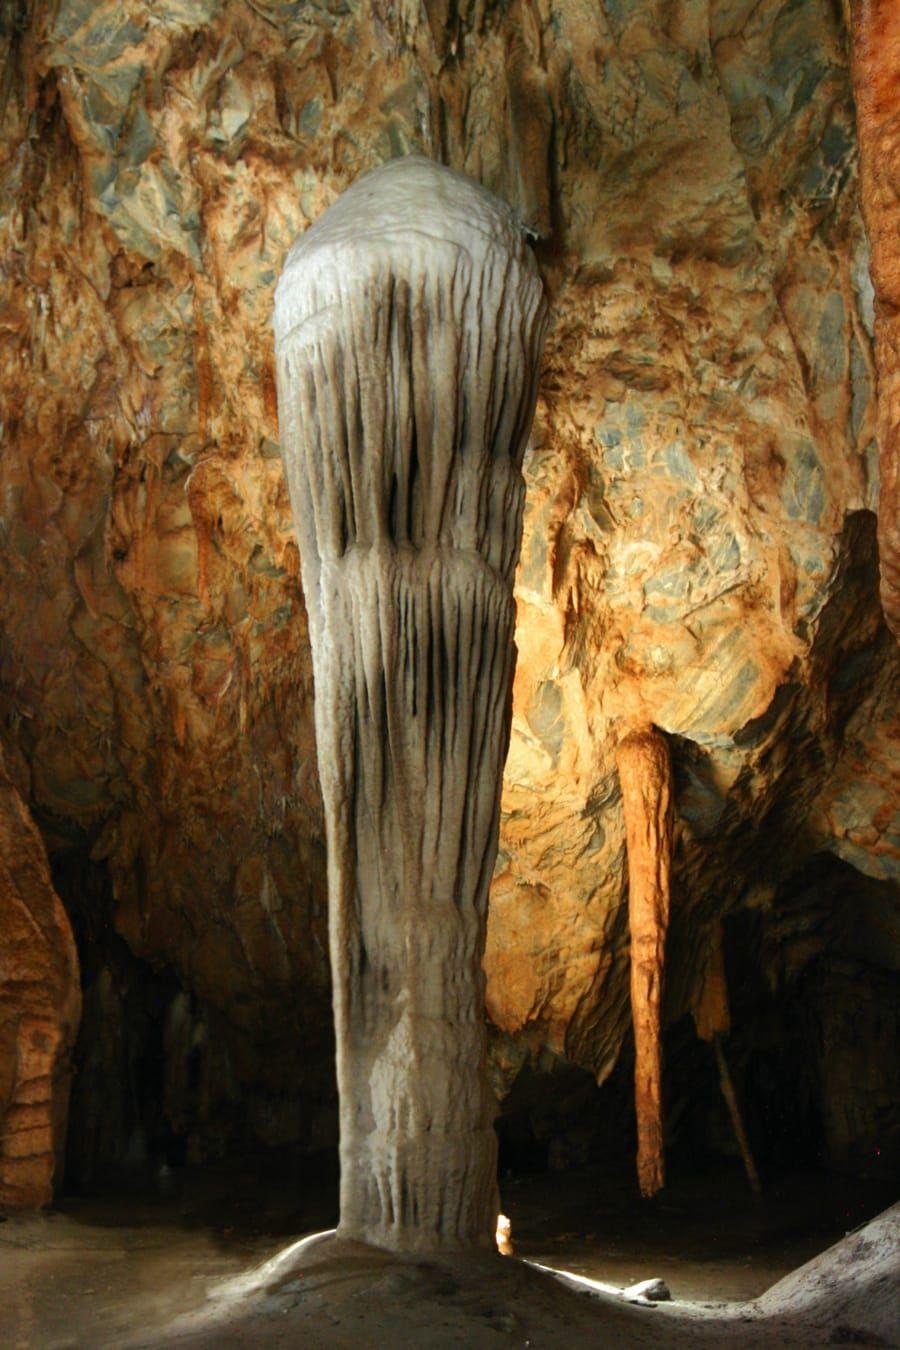 Denkmalstein in der Tropfsteinhöhle